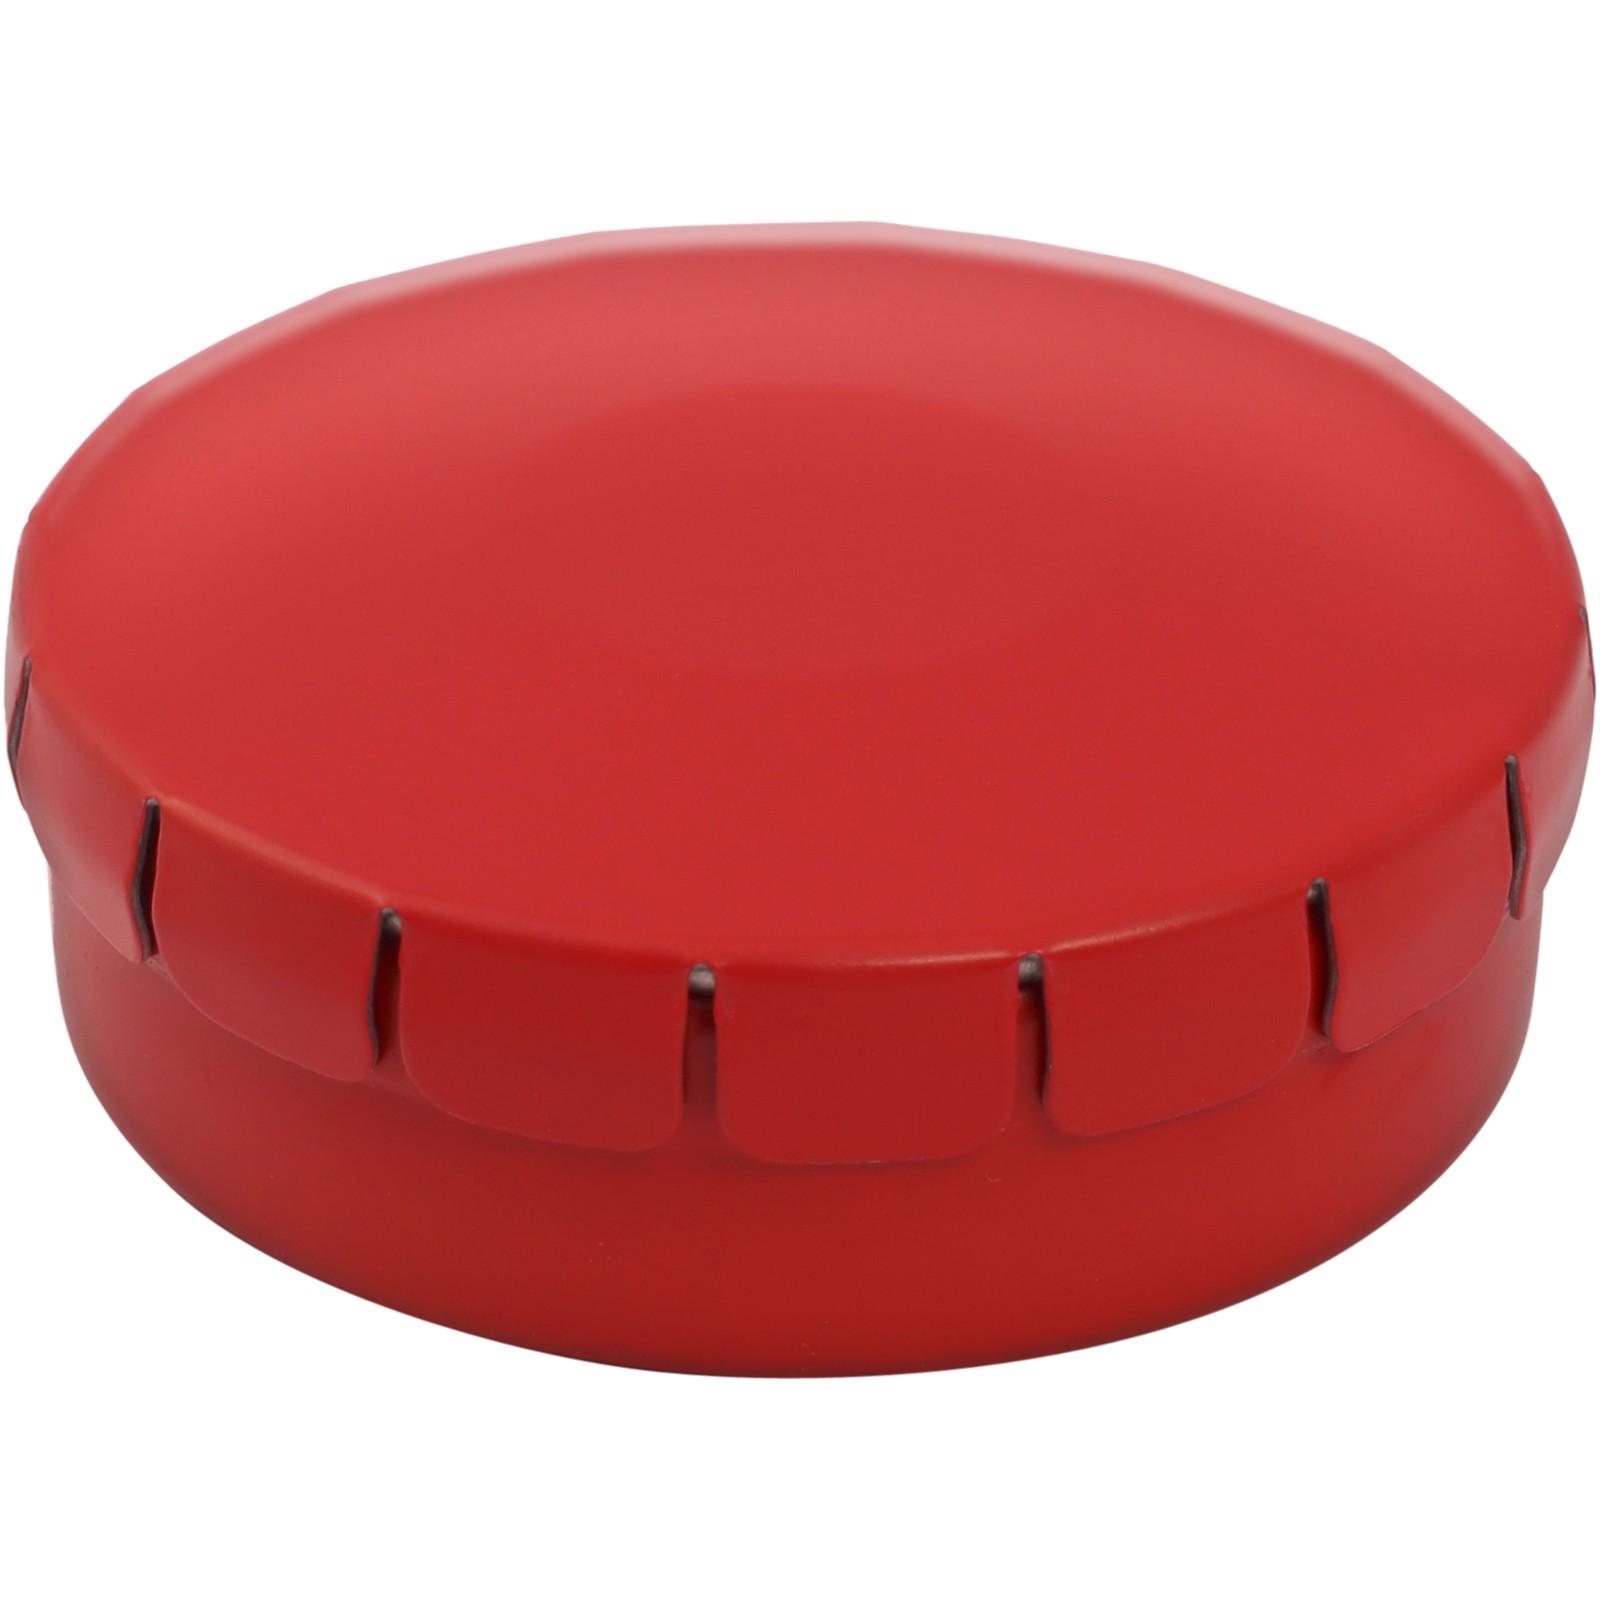 Clic clac bonbony se skořicovou příchutí - Červená s efektem námrazy